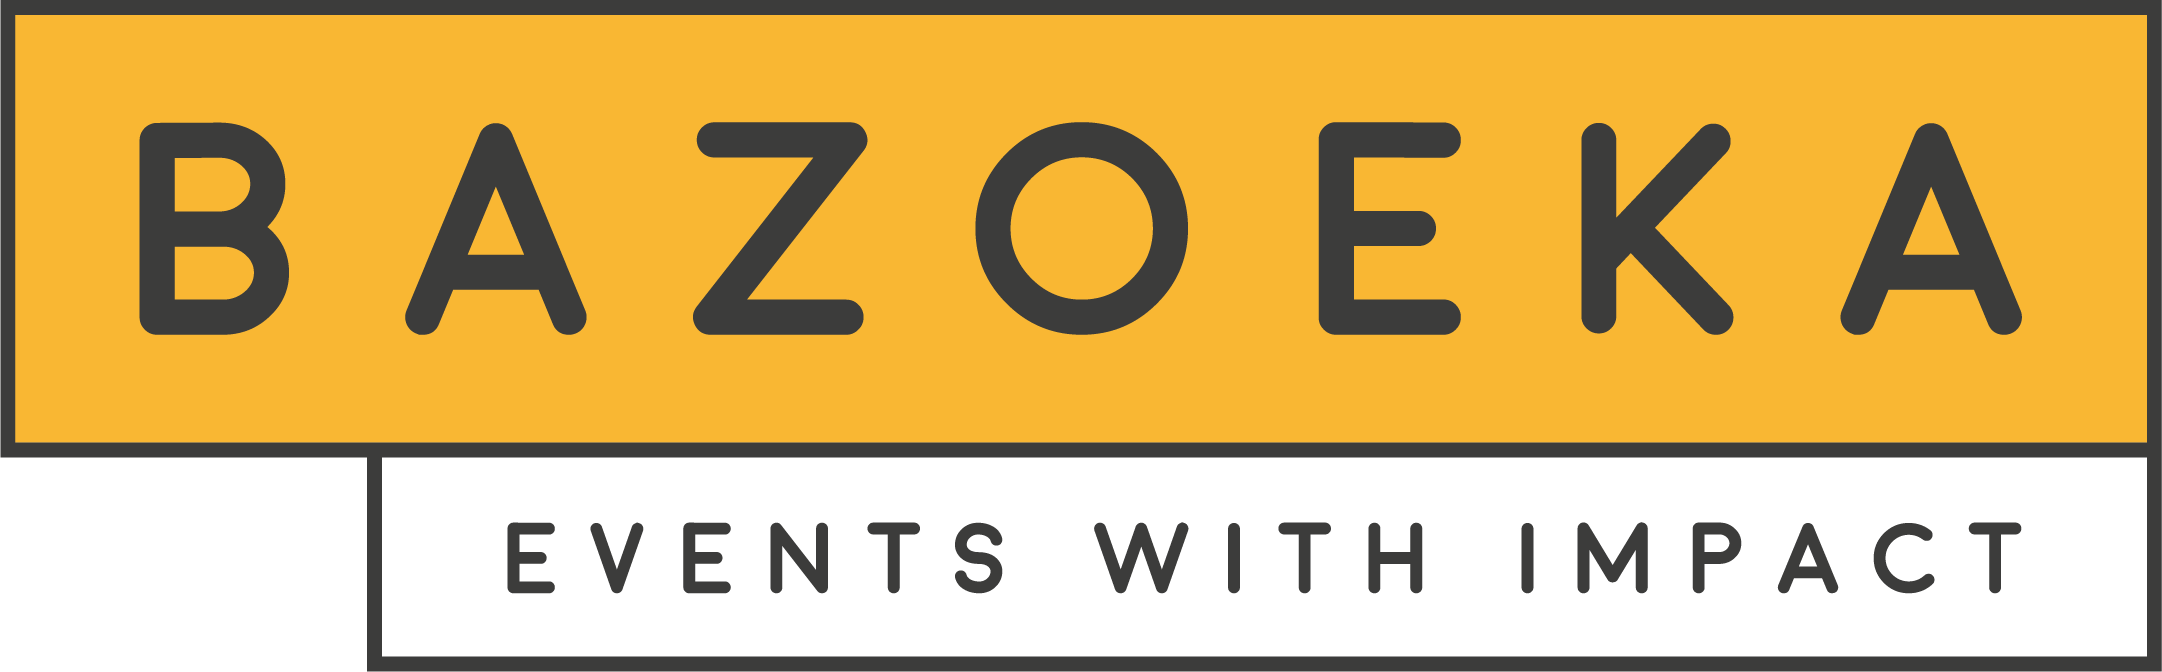 bazoeka logo